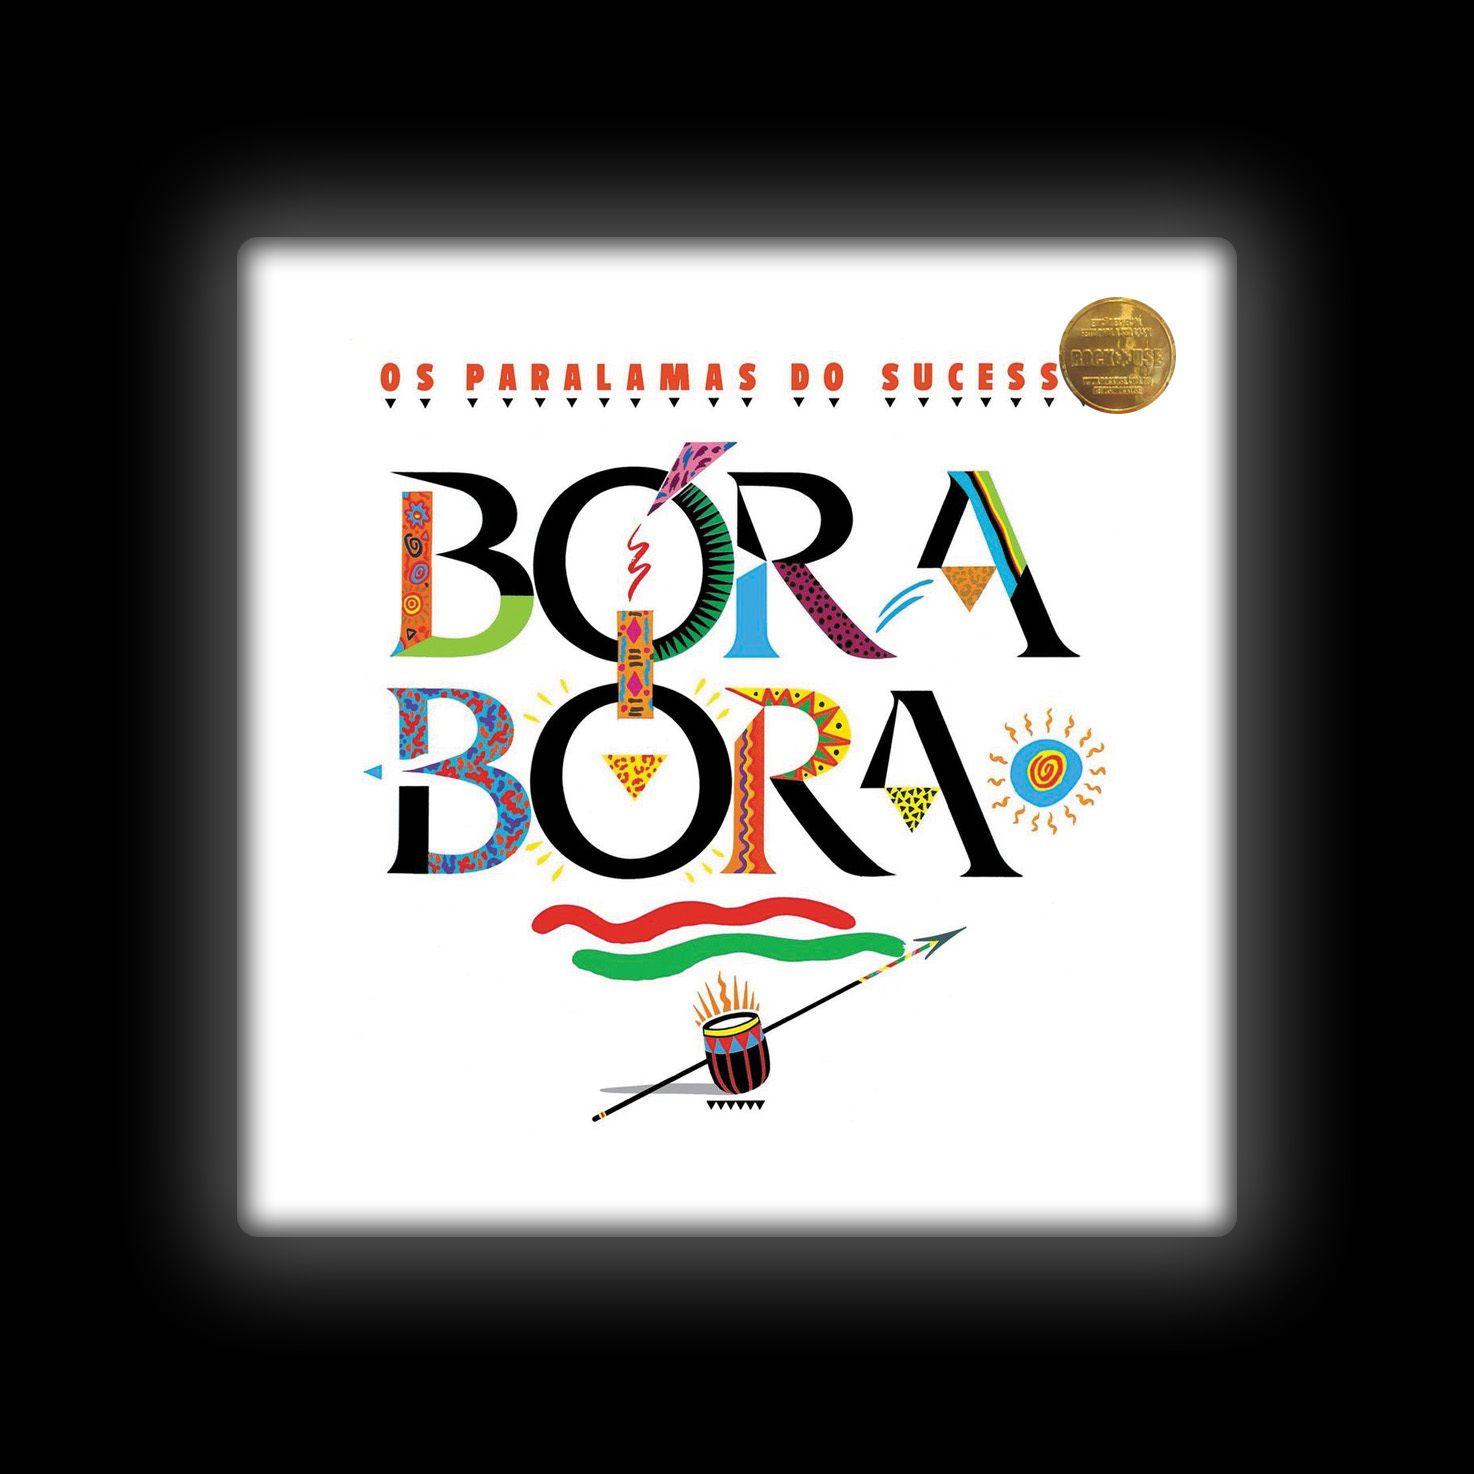 Capa de Almofada Paralamas do Sucesso - Bora Bora